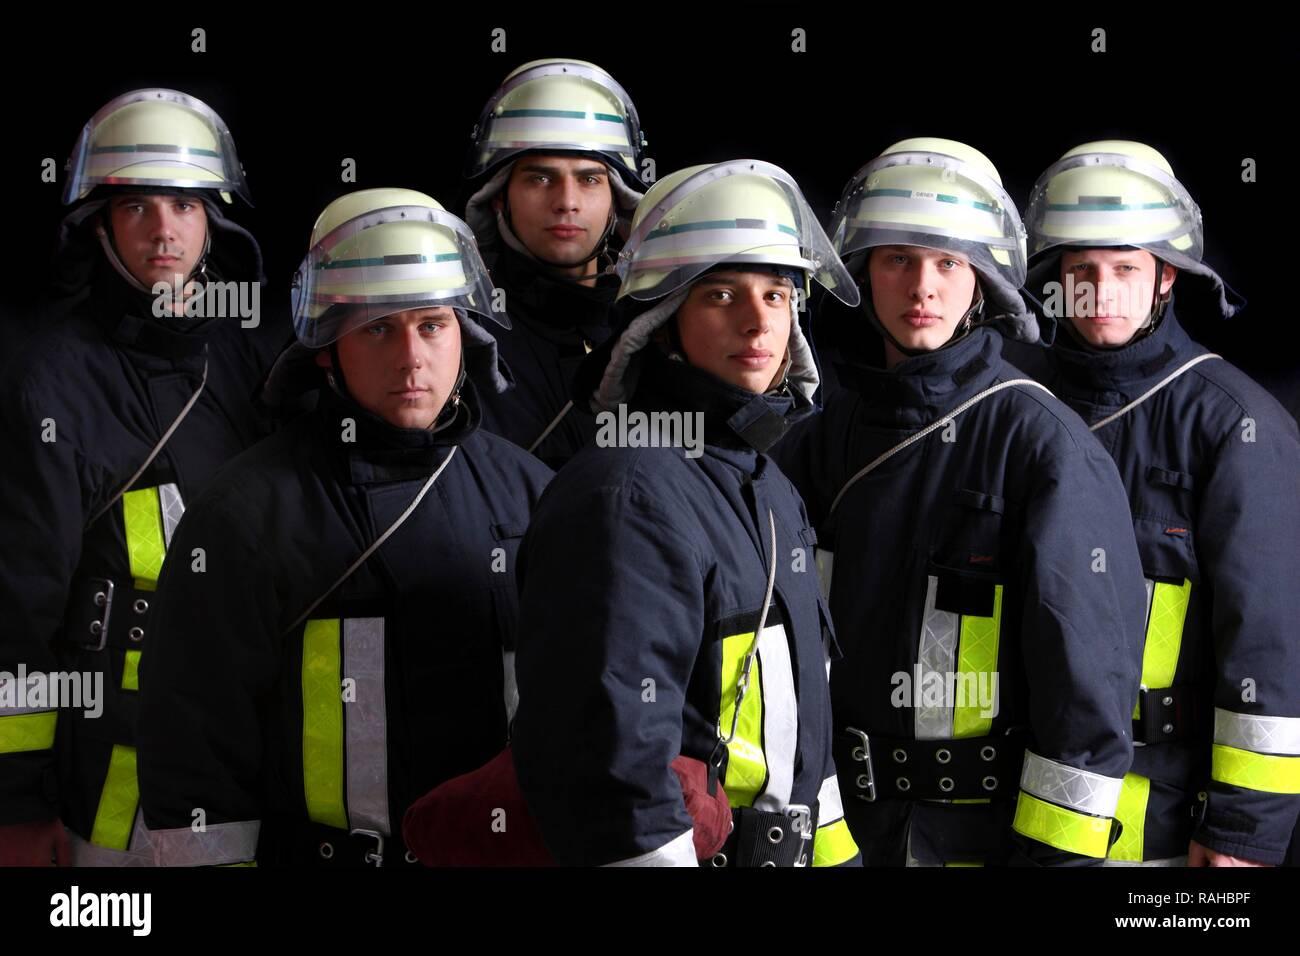 I vigili del fuoco che indossano le loro uniformi per una risposta, abbigliamento protettivo realizzato in Nomex, un casco con una visiera, professional Foto Stock